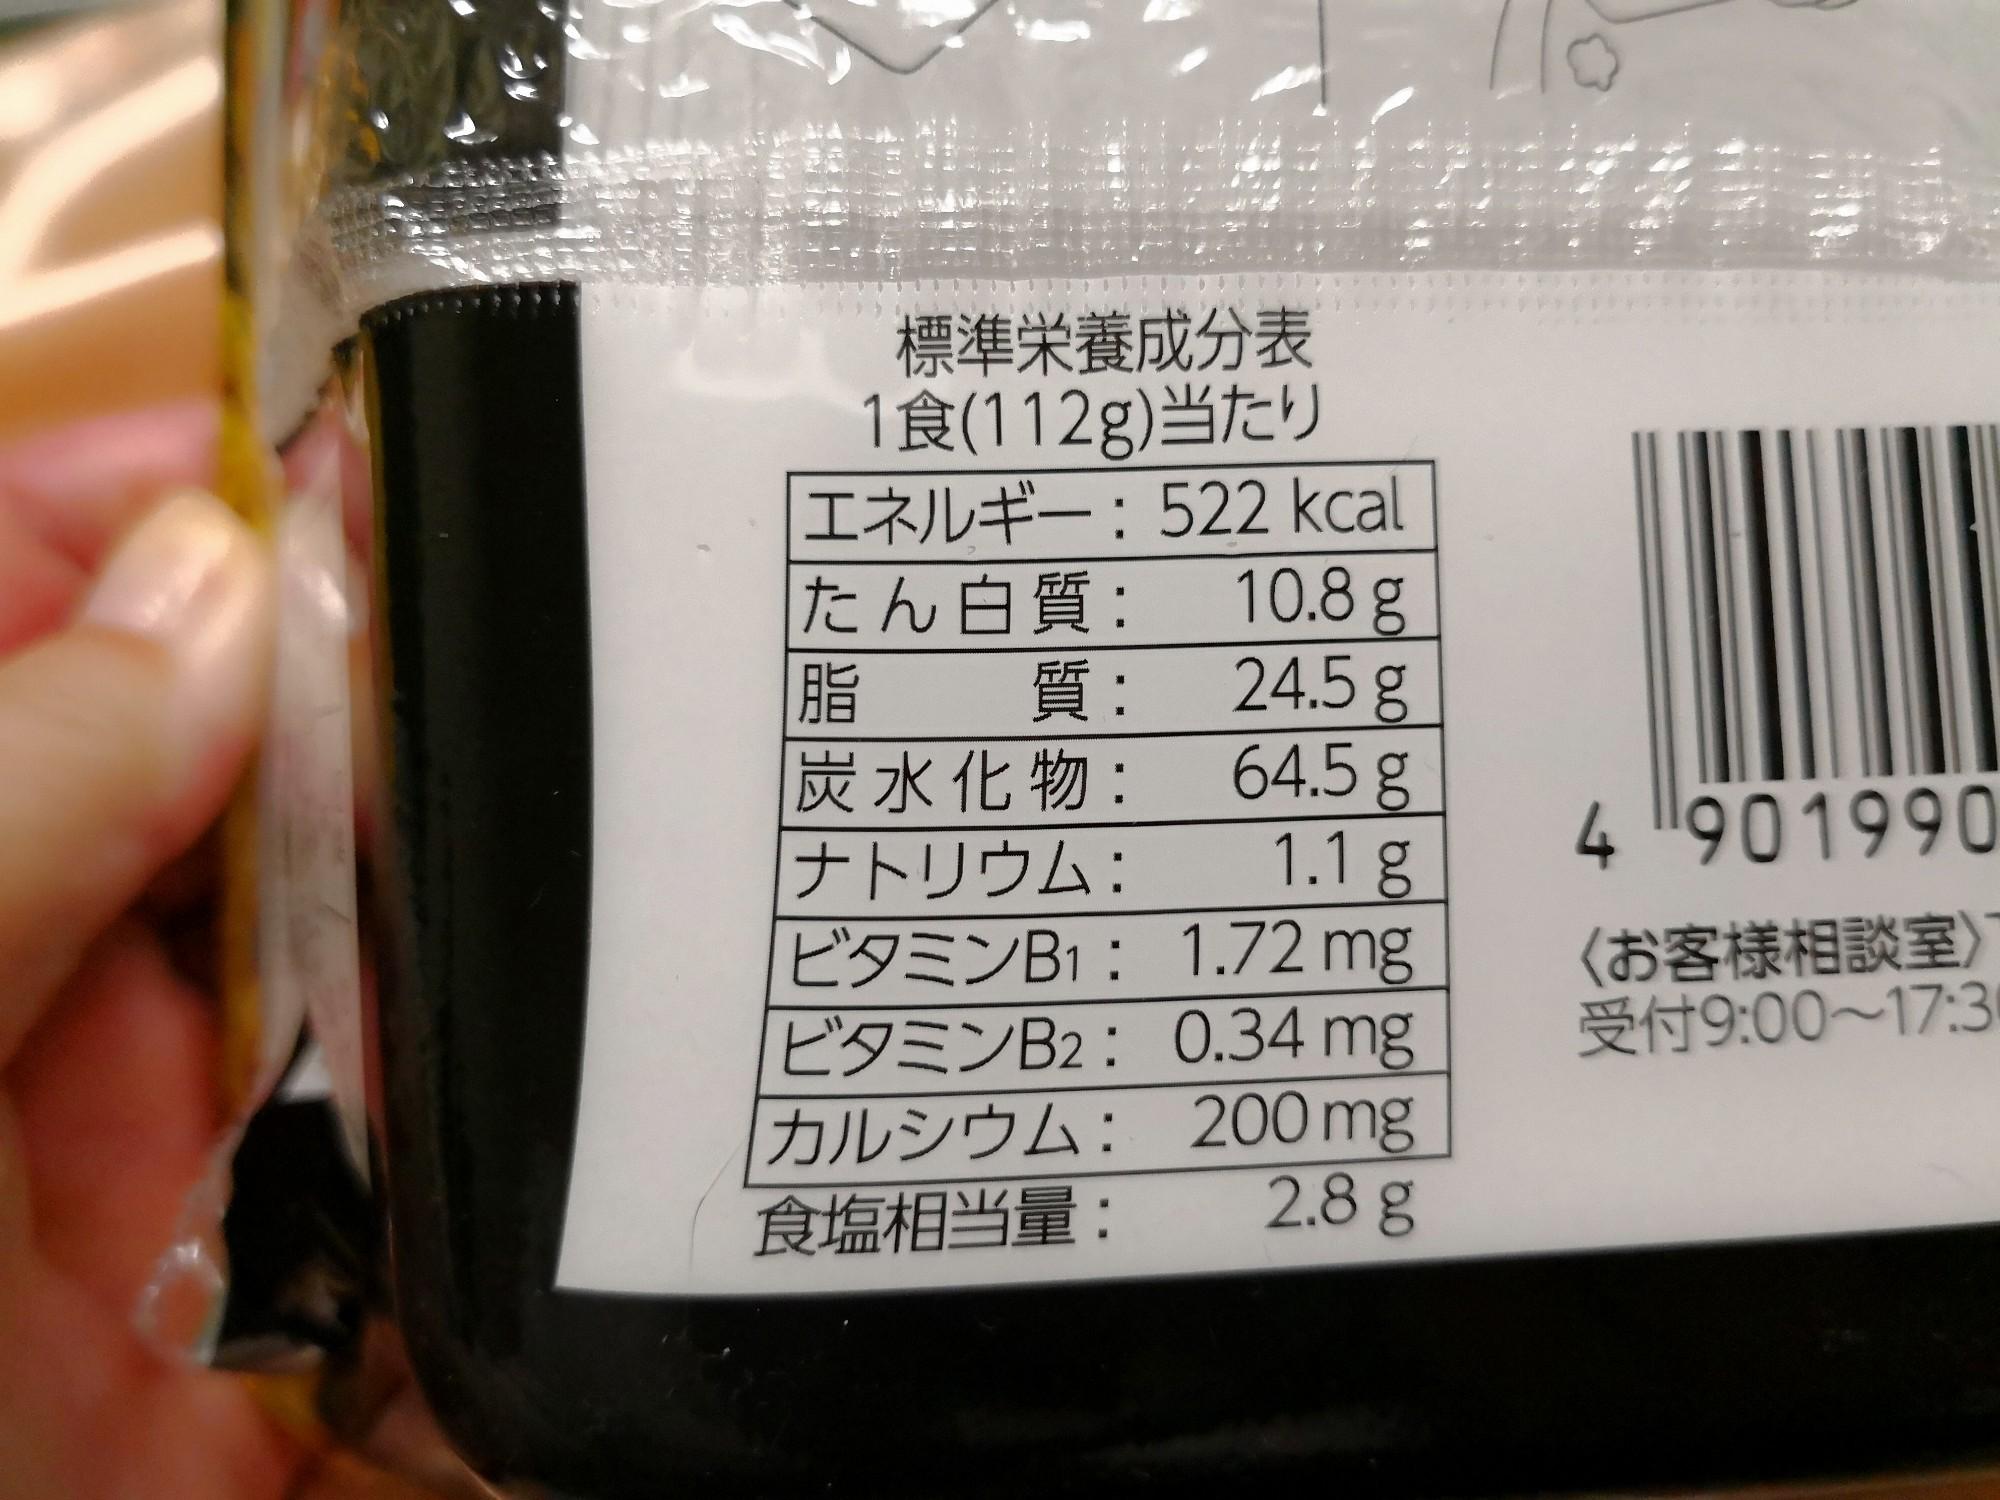 黒い豚カレー焼きそば カロリー